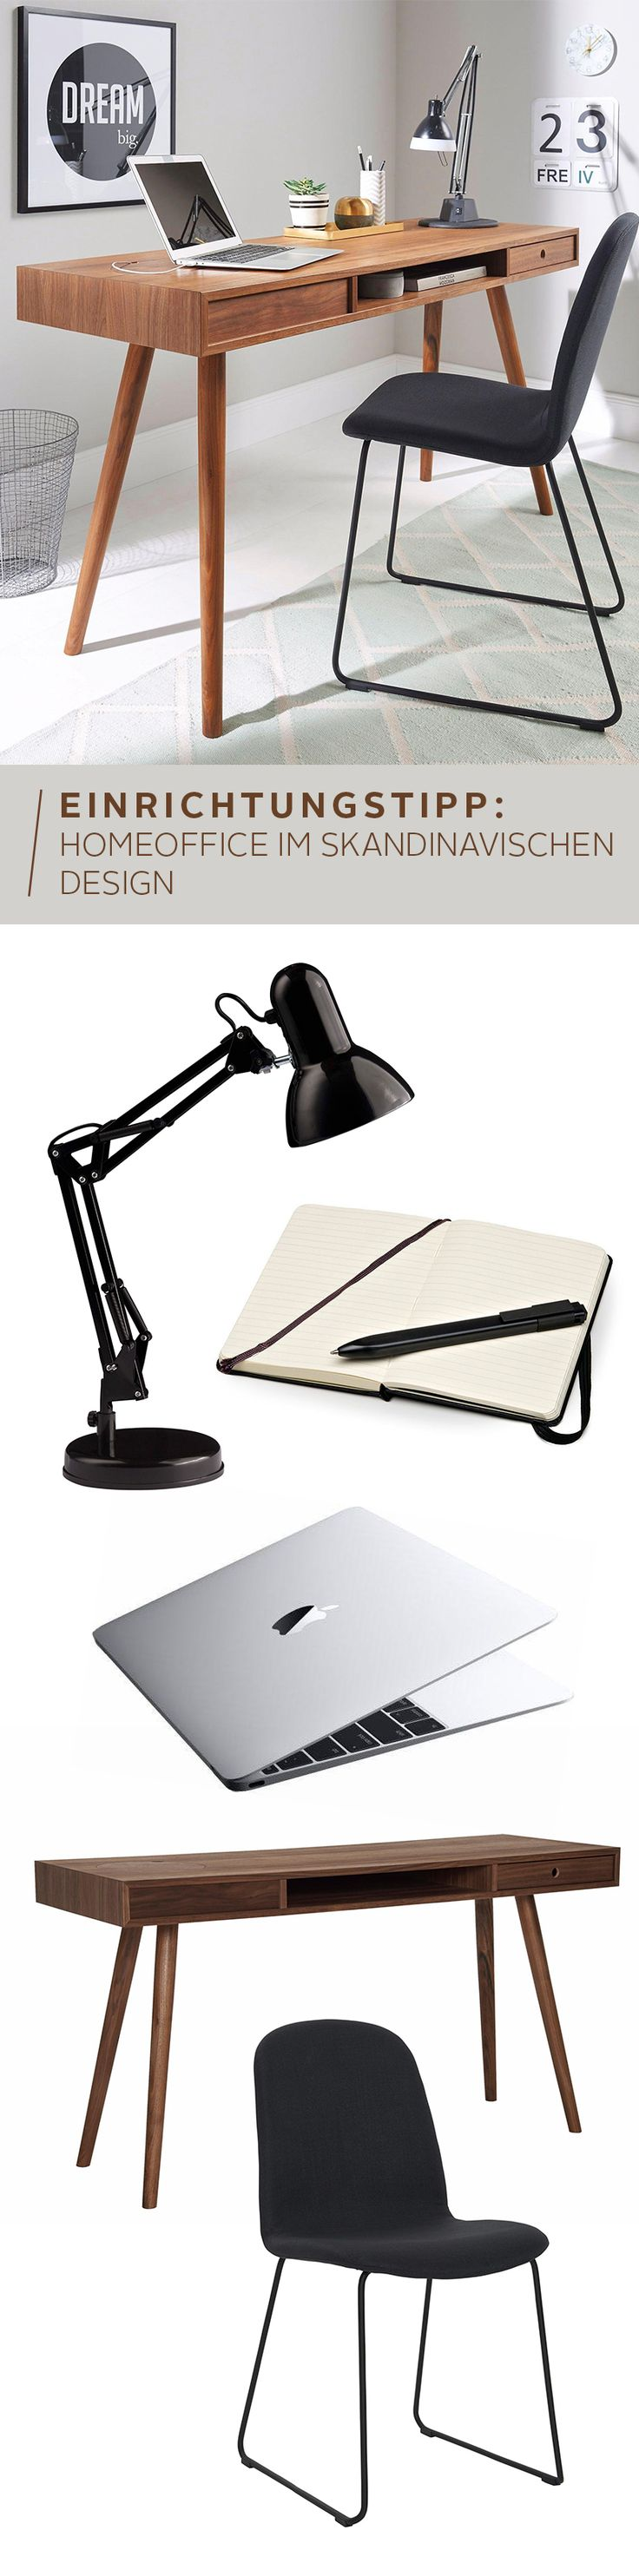 Die besten 25 schreibtischlampe ideen auf pinterest for Wer braucht gebrauchte mobel